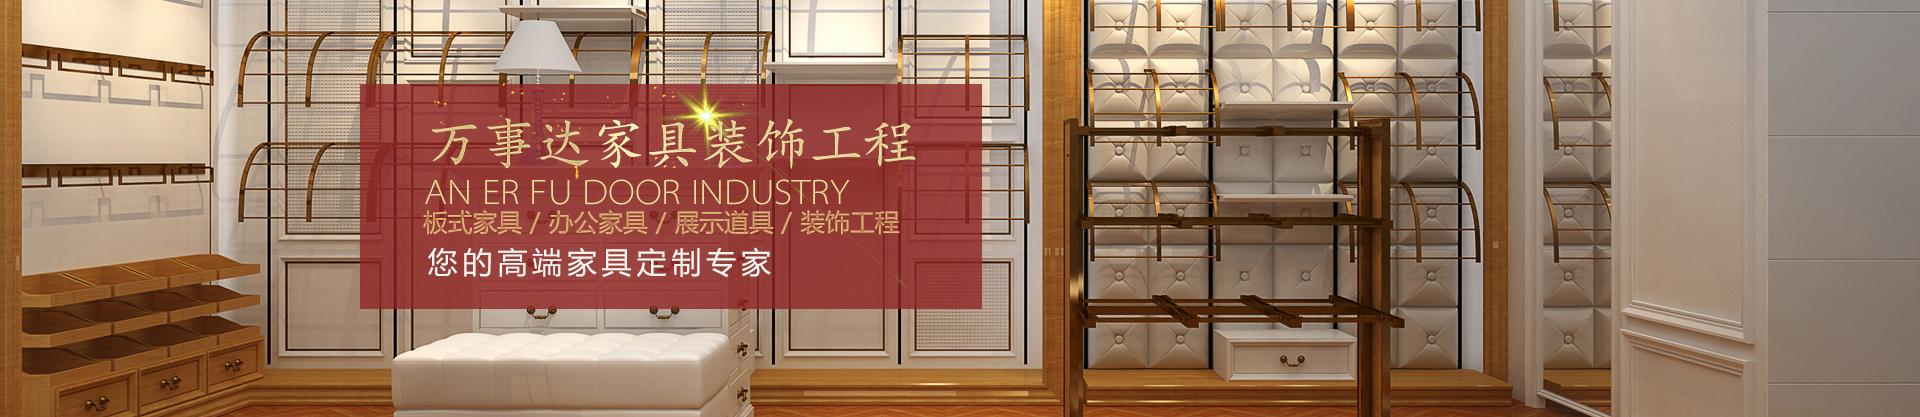 河南万事达家具装饰工程有限公司